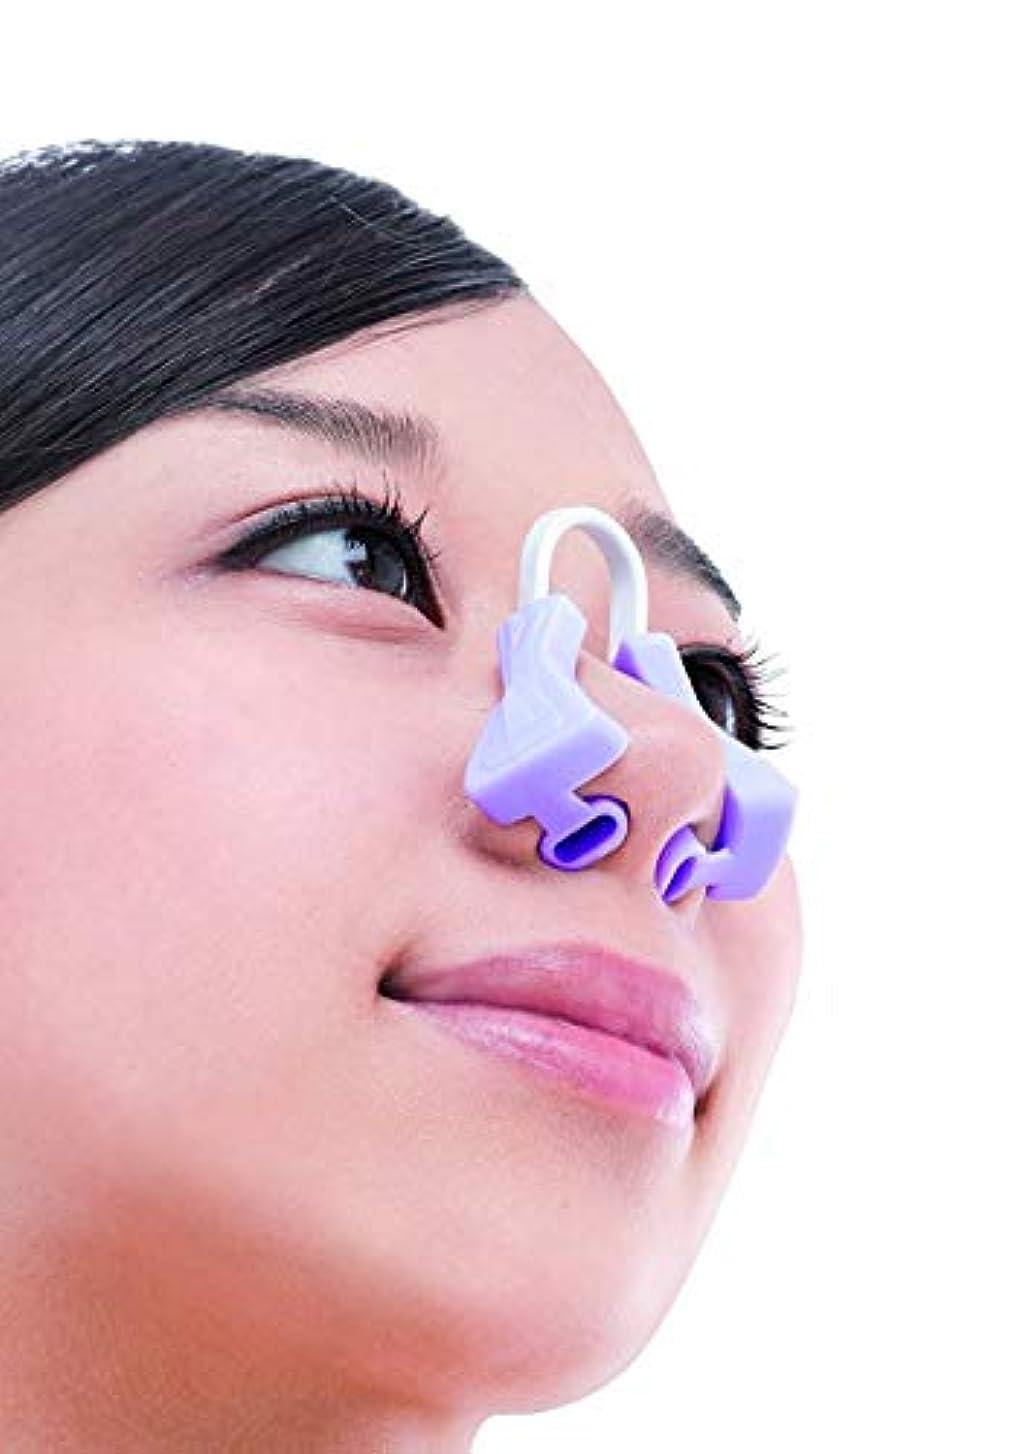 印象的有用エンティティYデパートセンター55® おやすみ美鼻クリップ 美鼻でナイト おやすみ美鼻クリップ 鼻 整形 鼻先 整形 鼻を高く 鼻アイプチ 小鼻 鼻筋